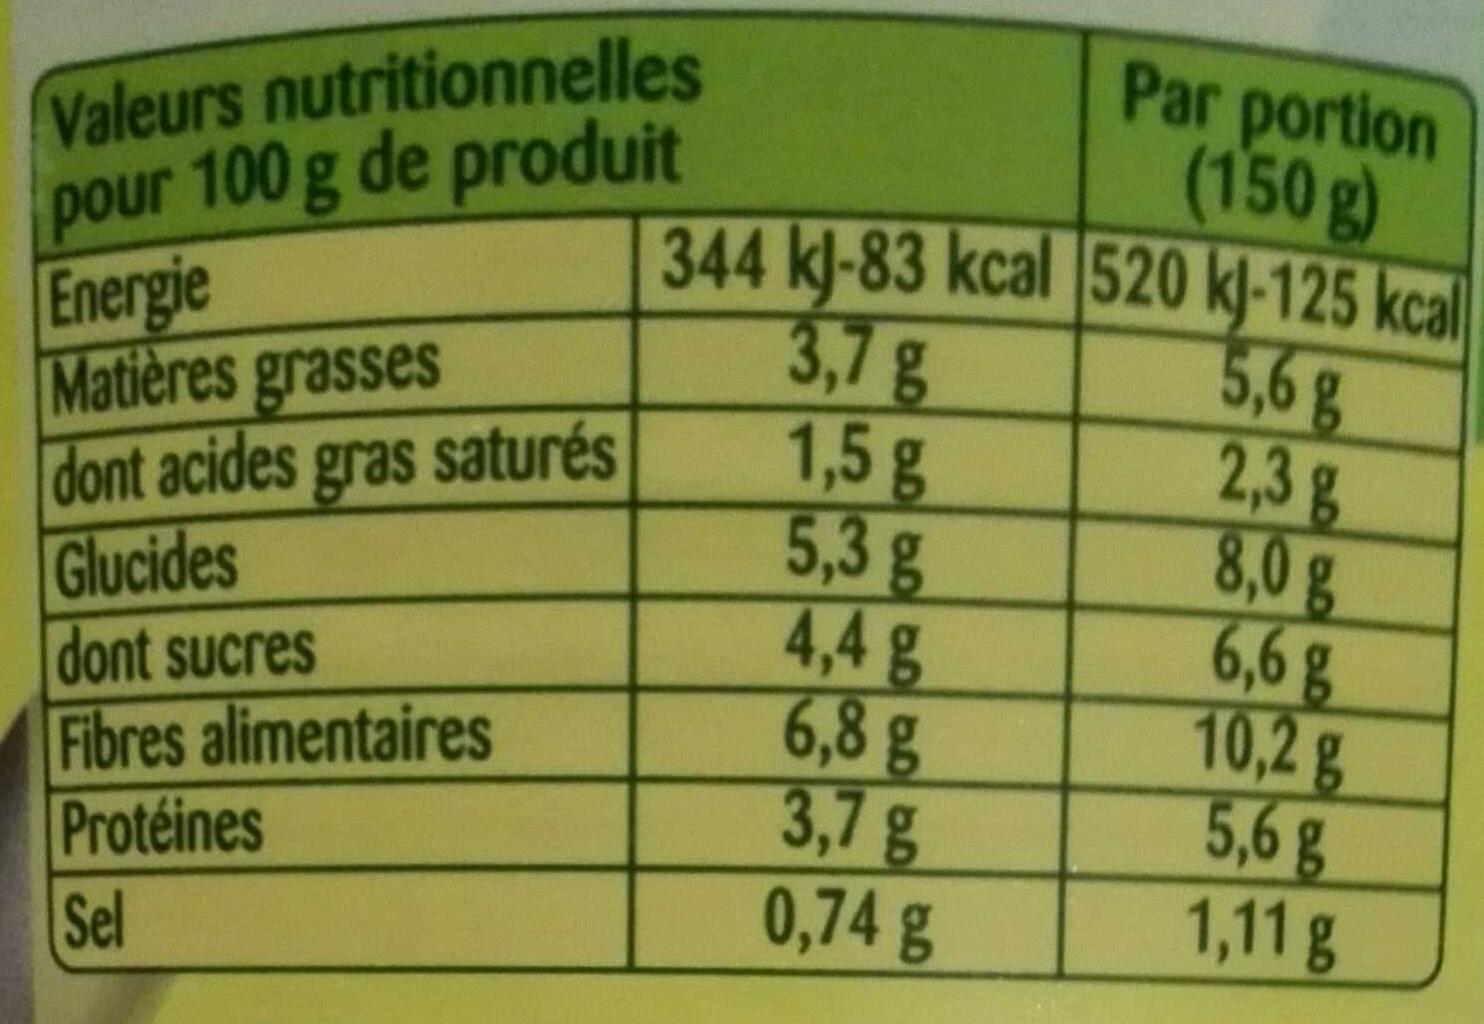 La Champêtre - petits pois - champignons de Paris - carottes - Informations nutritionnelles - fr